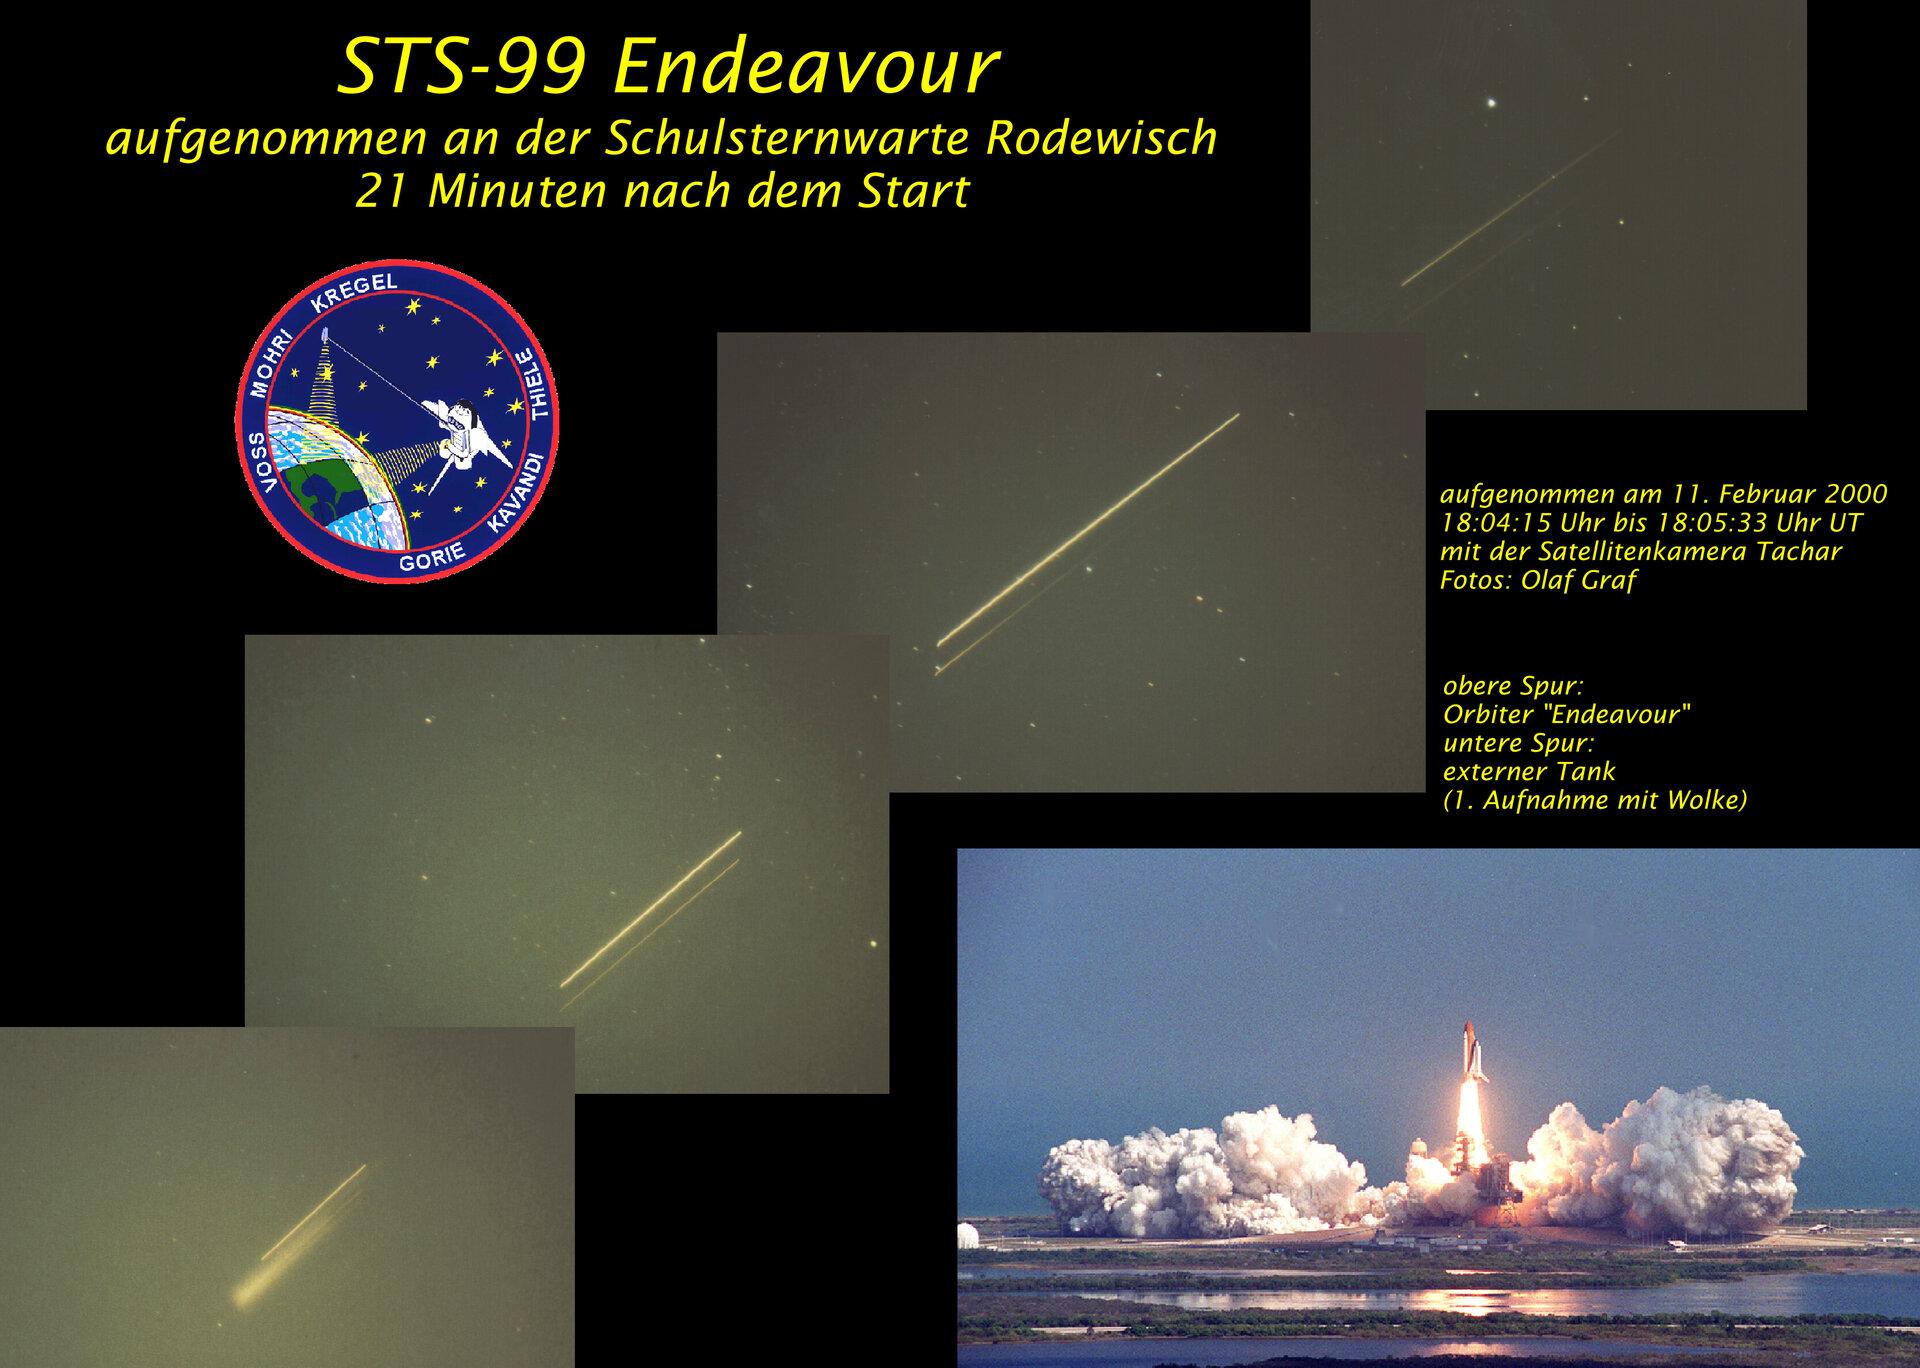 STS-99 Startumlauf